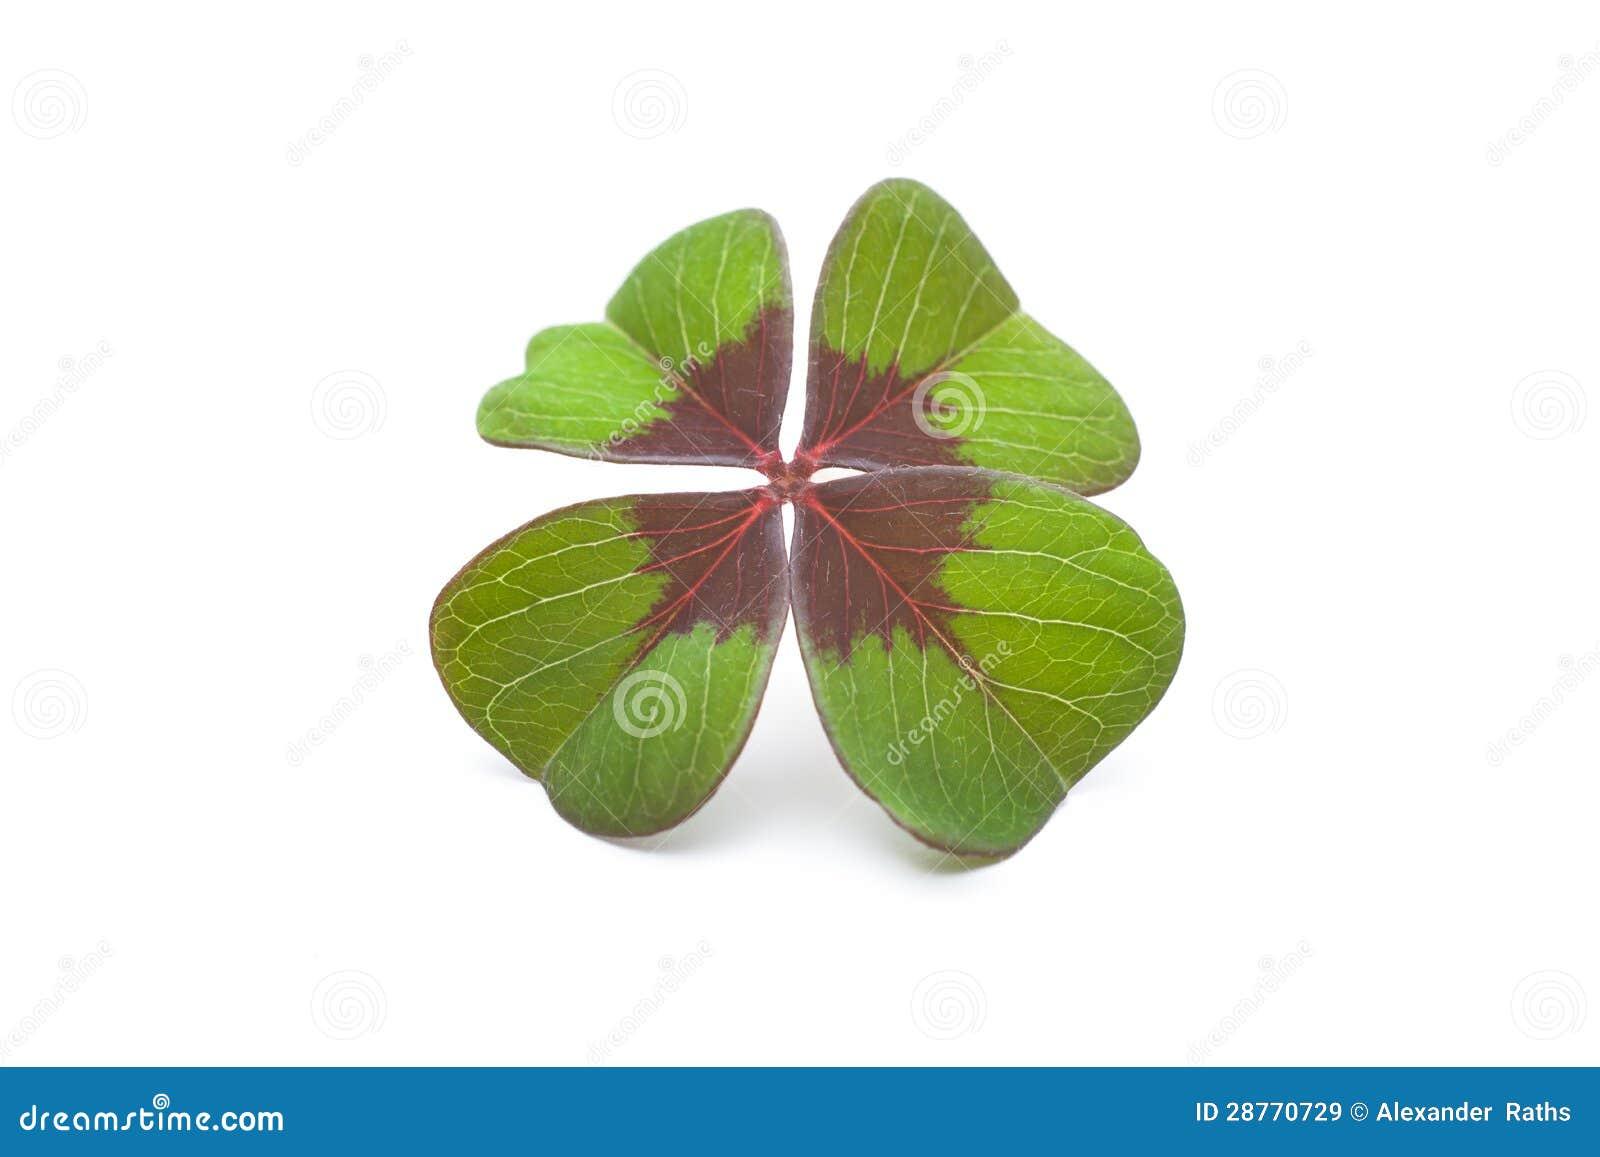 Un trifoglio di quattro foglie immagini stock libere da - Immagini di quadrifoglio a quattro foglie ...